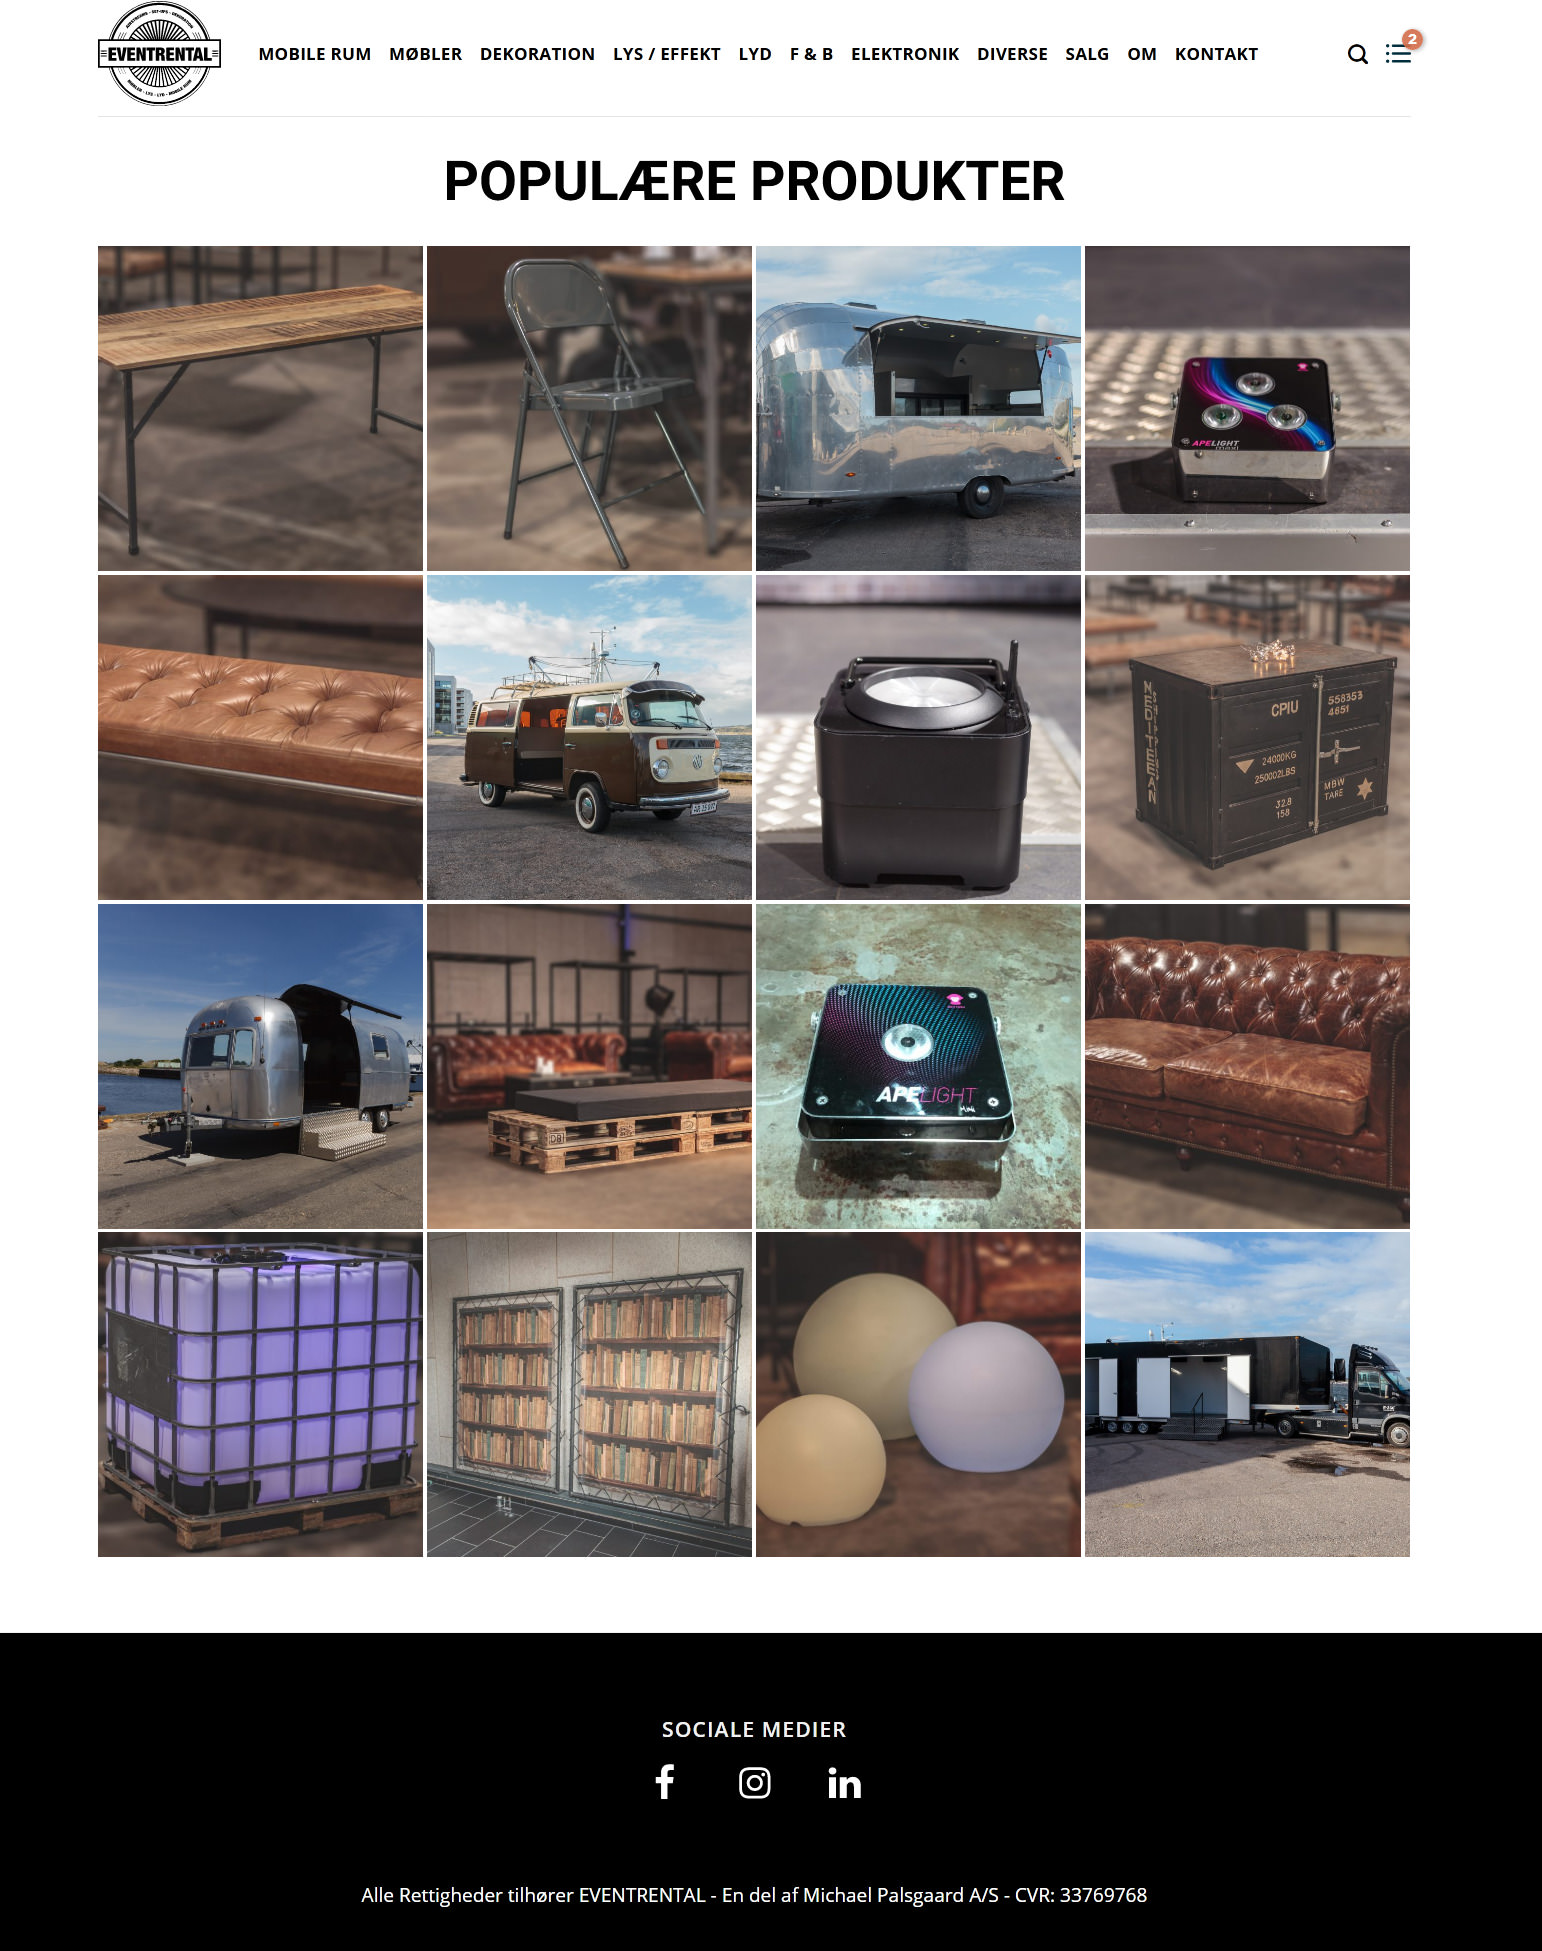 Screenshot 2019 12 29 Populære produkter Eventrental - Michael Palsgaard